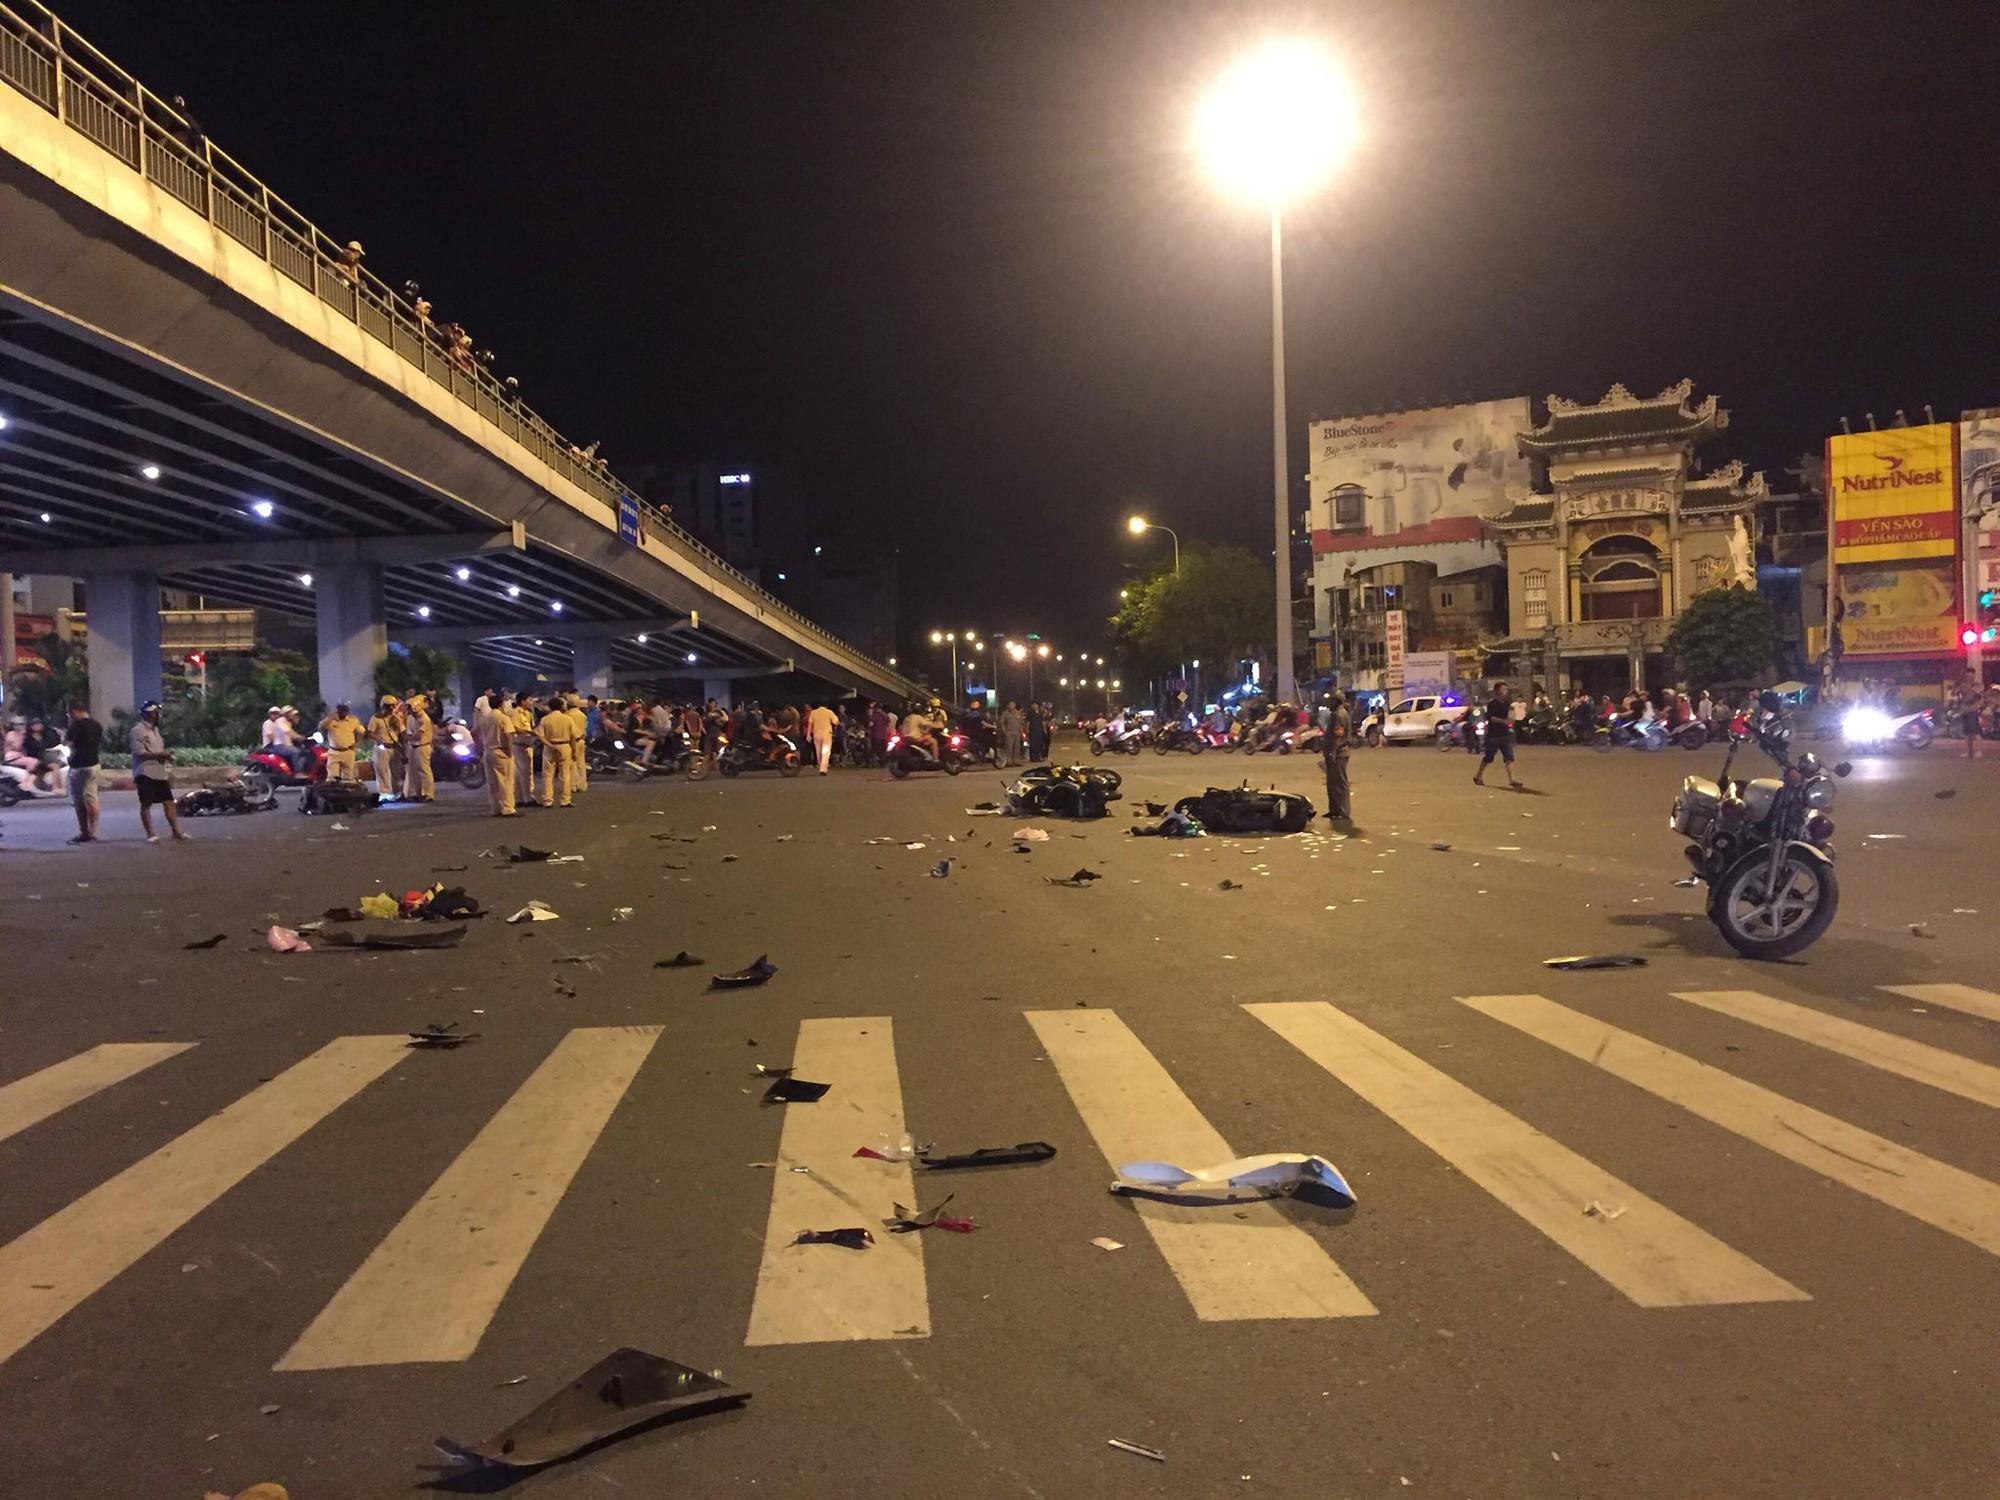 Tai nạn ngã tư Hàng Xanh: Nữ tài xế BMW gây tai nạn kinh hoàng ở TPHCM - Ảnh 7.